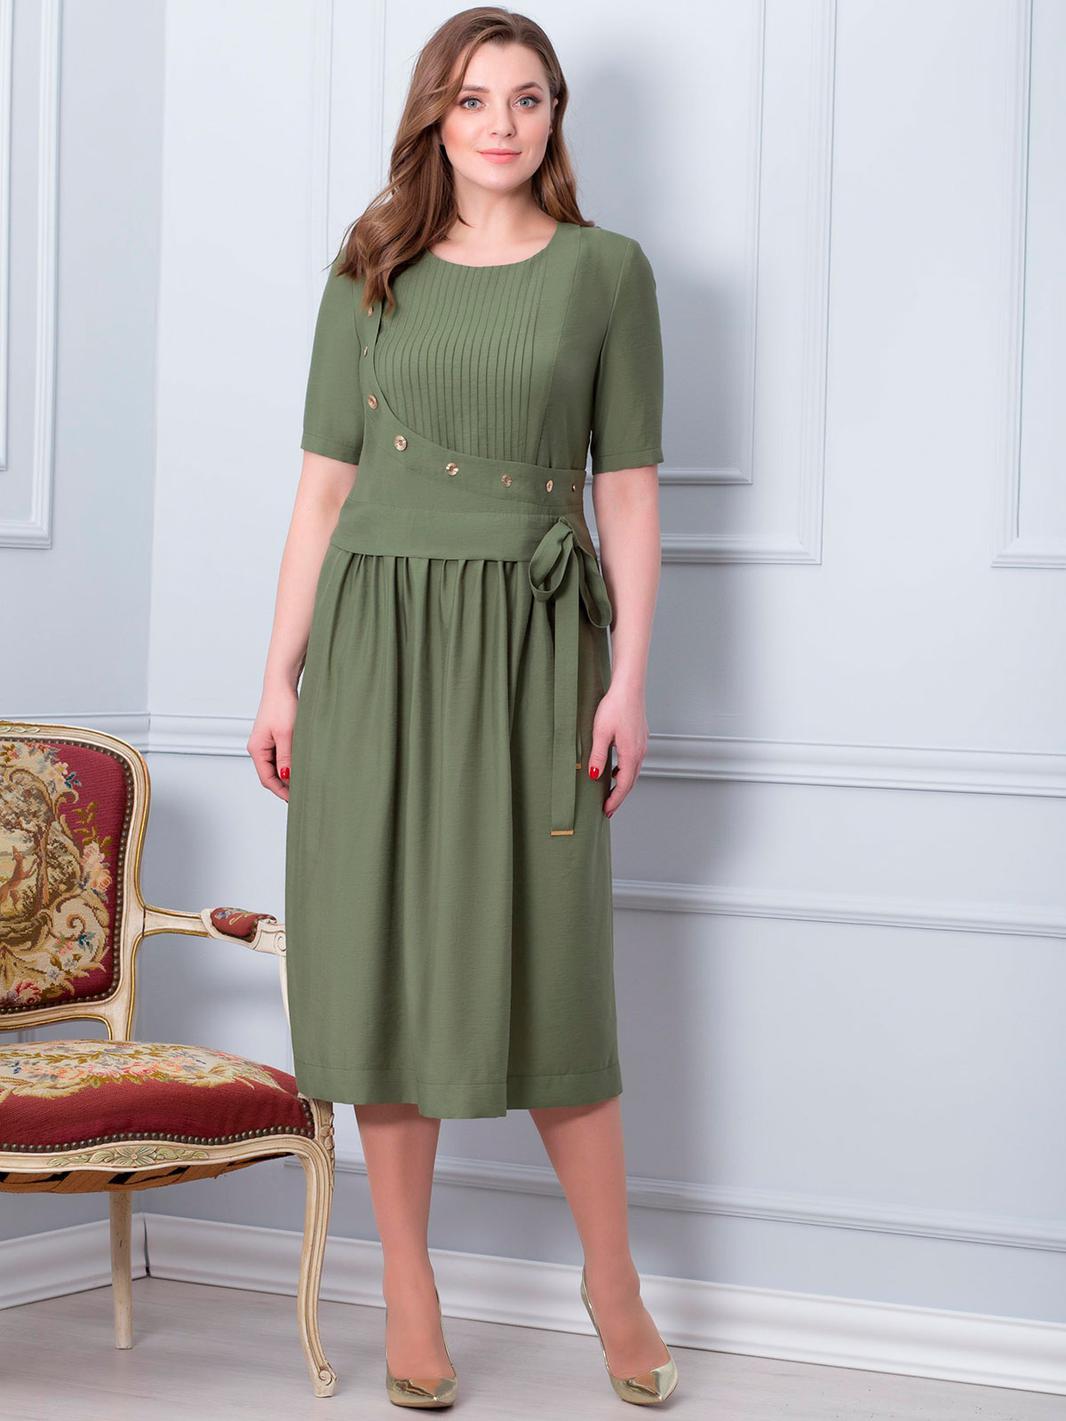 b1e259433 Модная женская одежда оптом и в розницу из Беларуси | Интернет ...